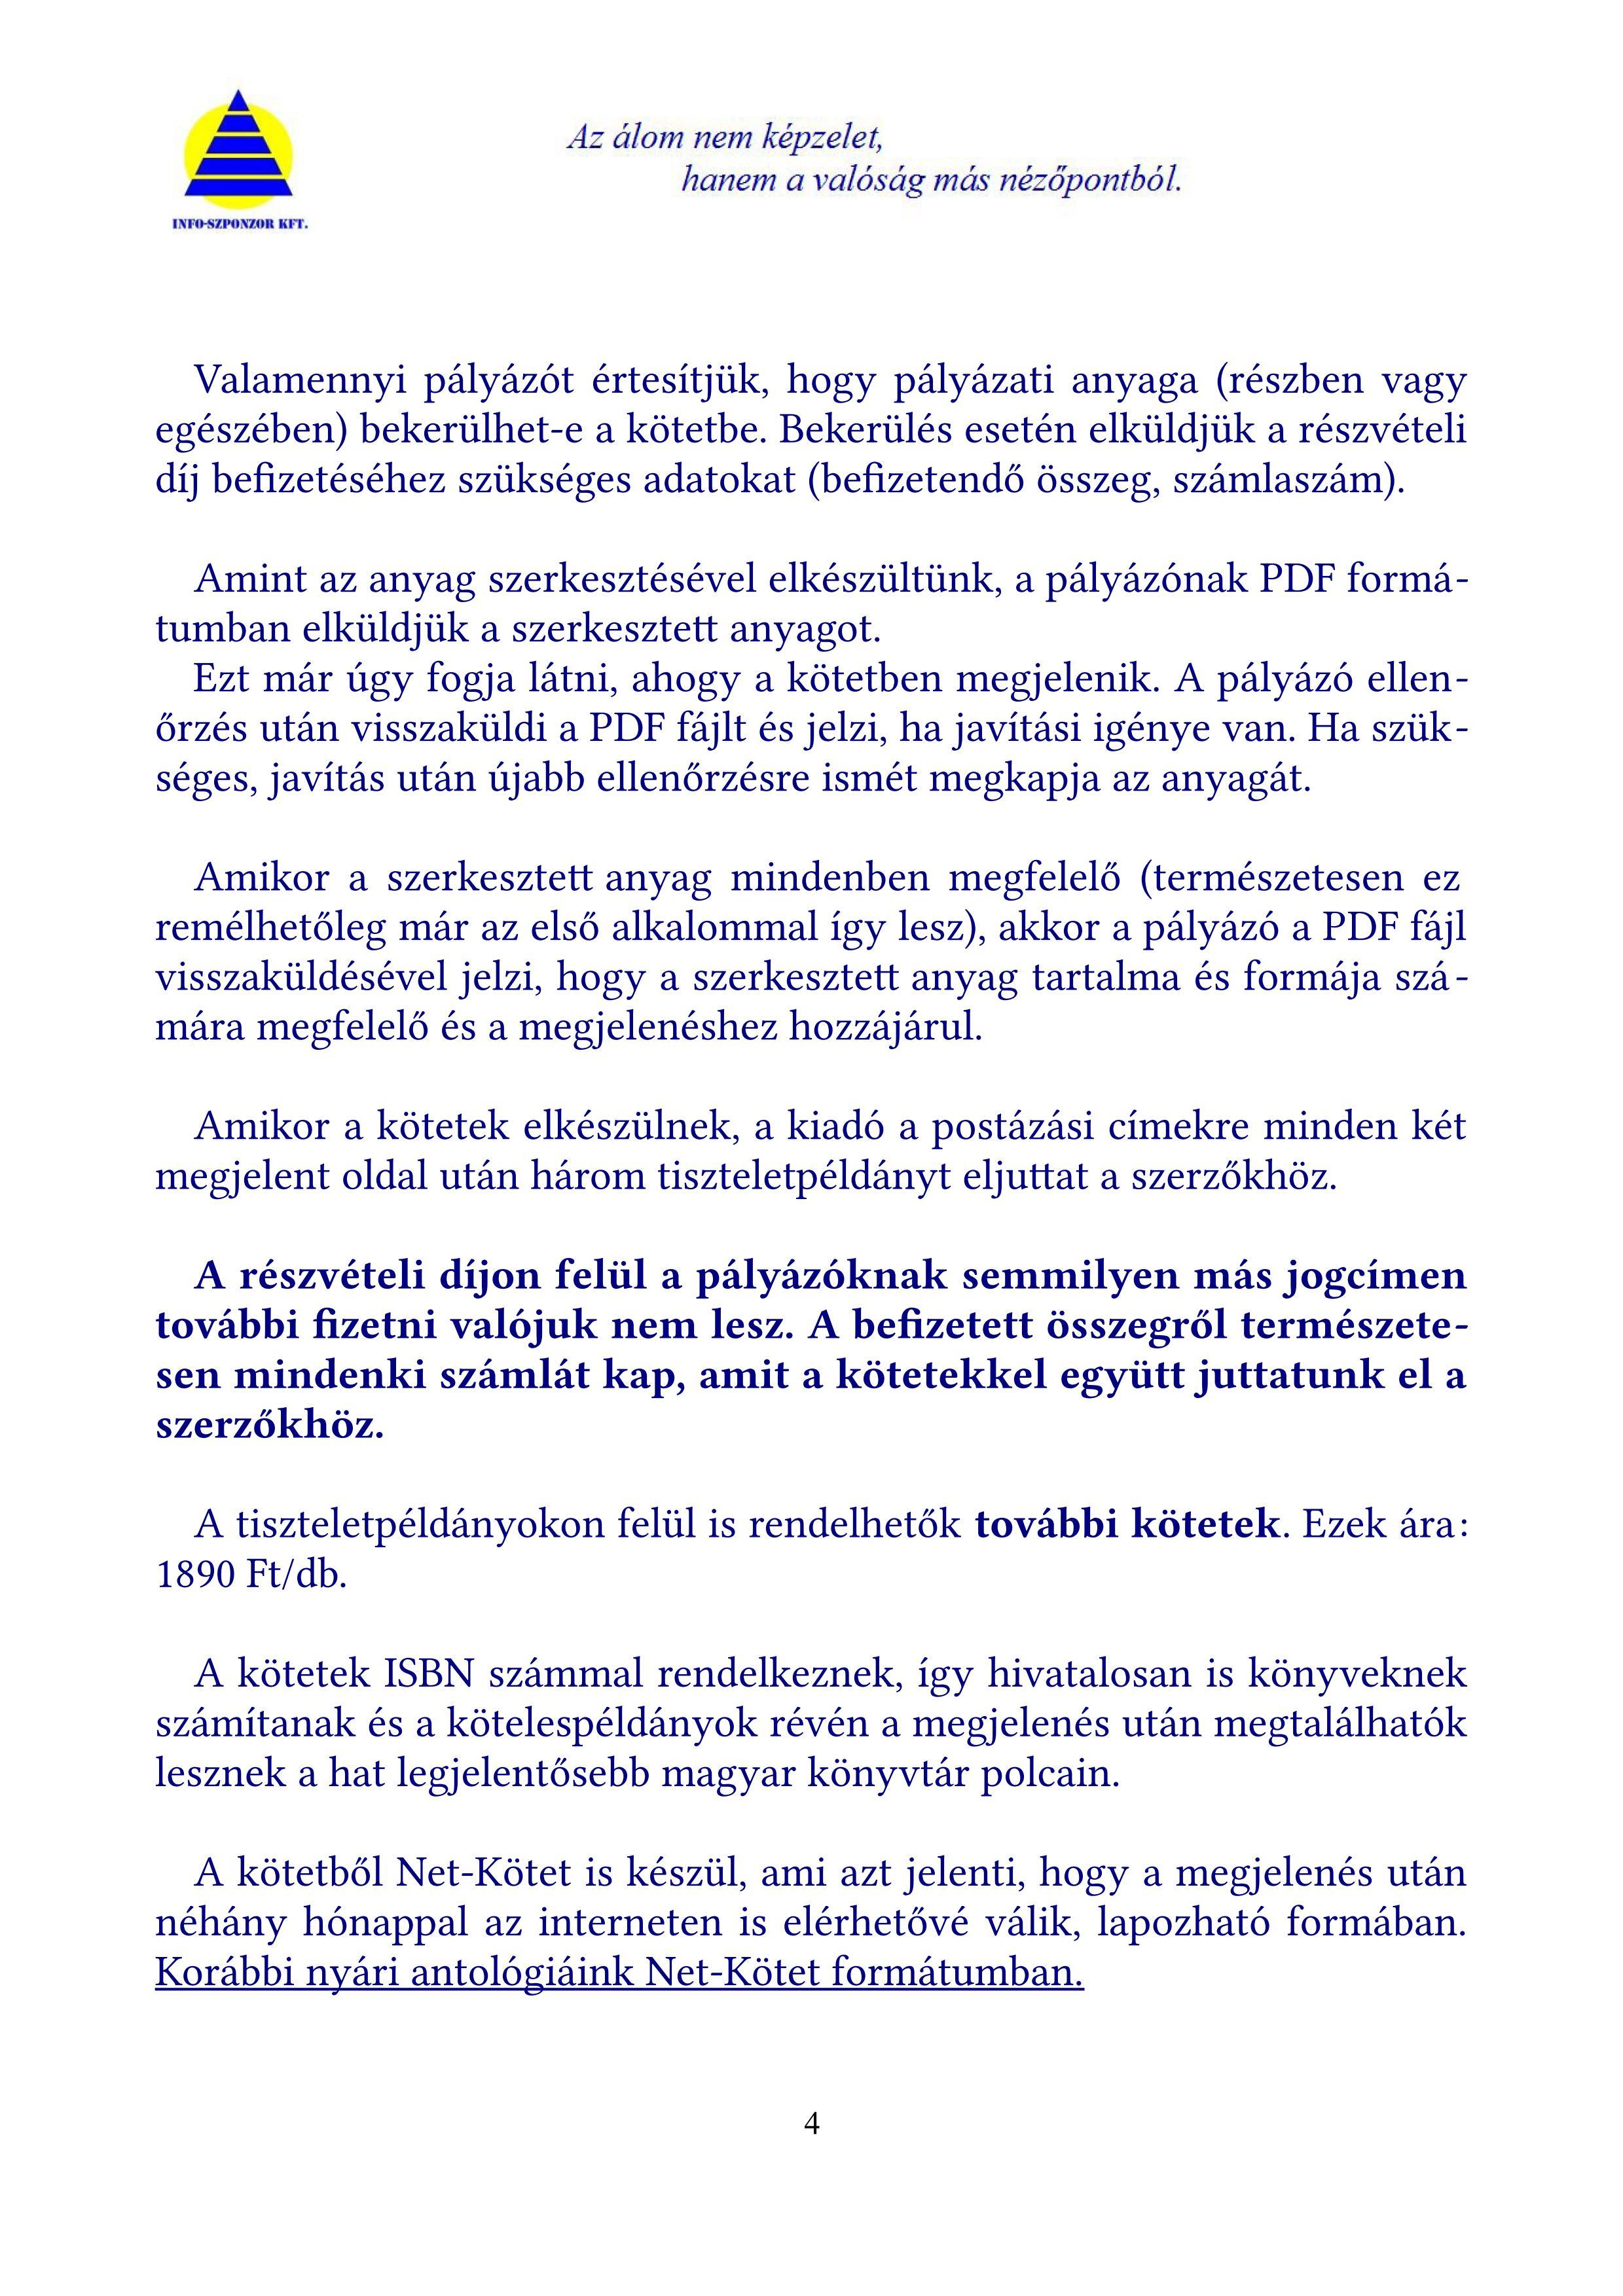 valtozas_4